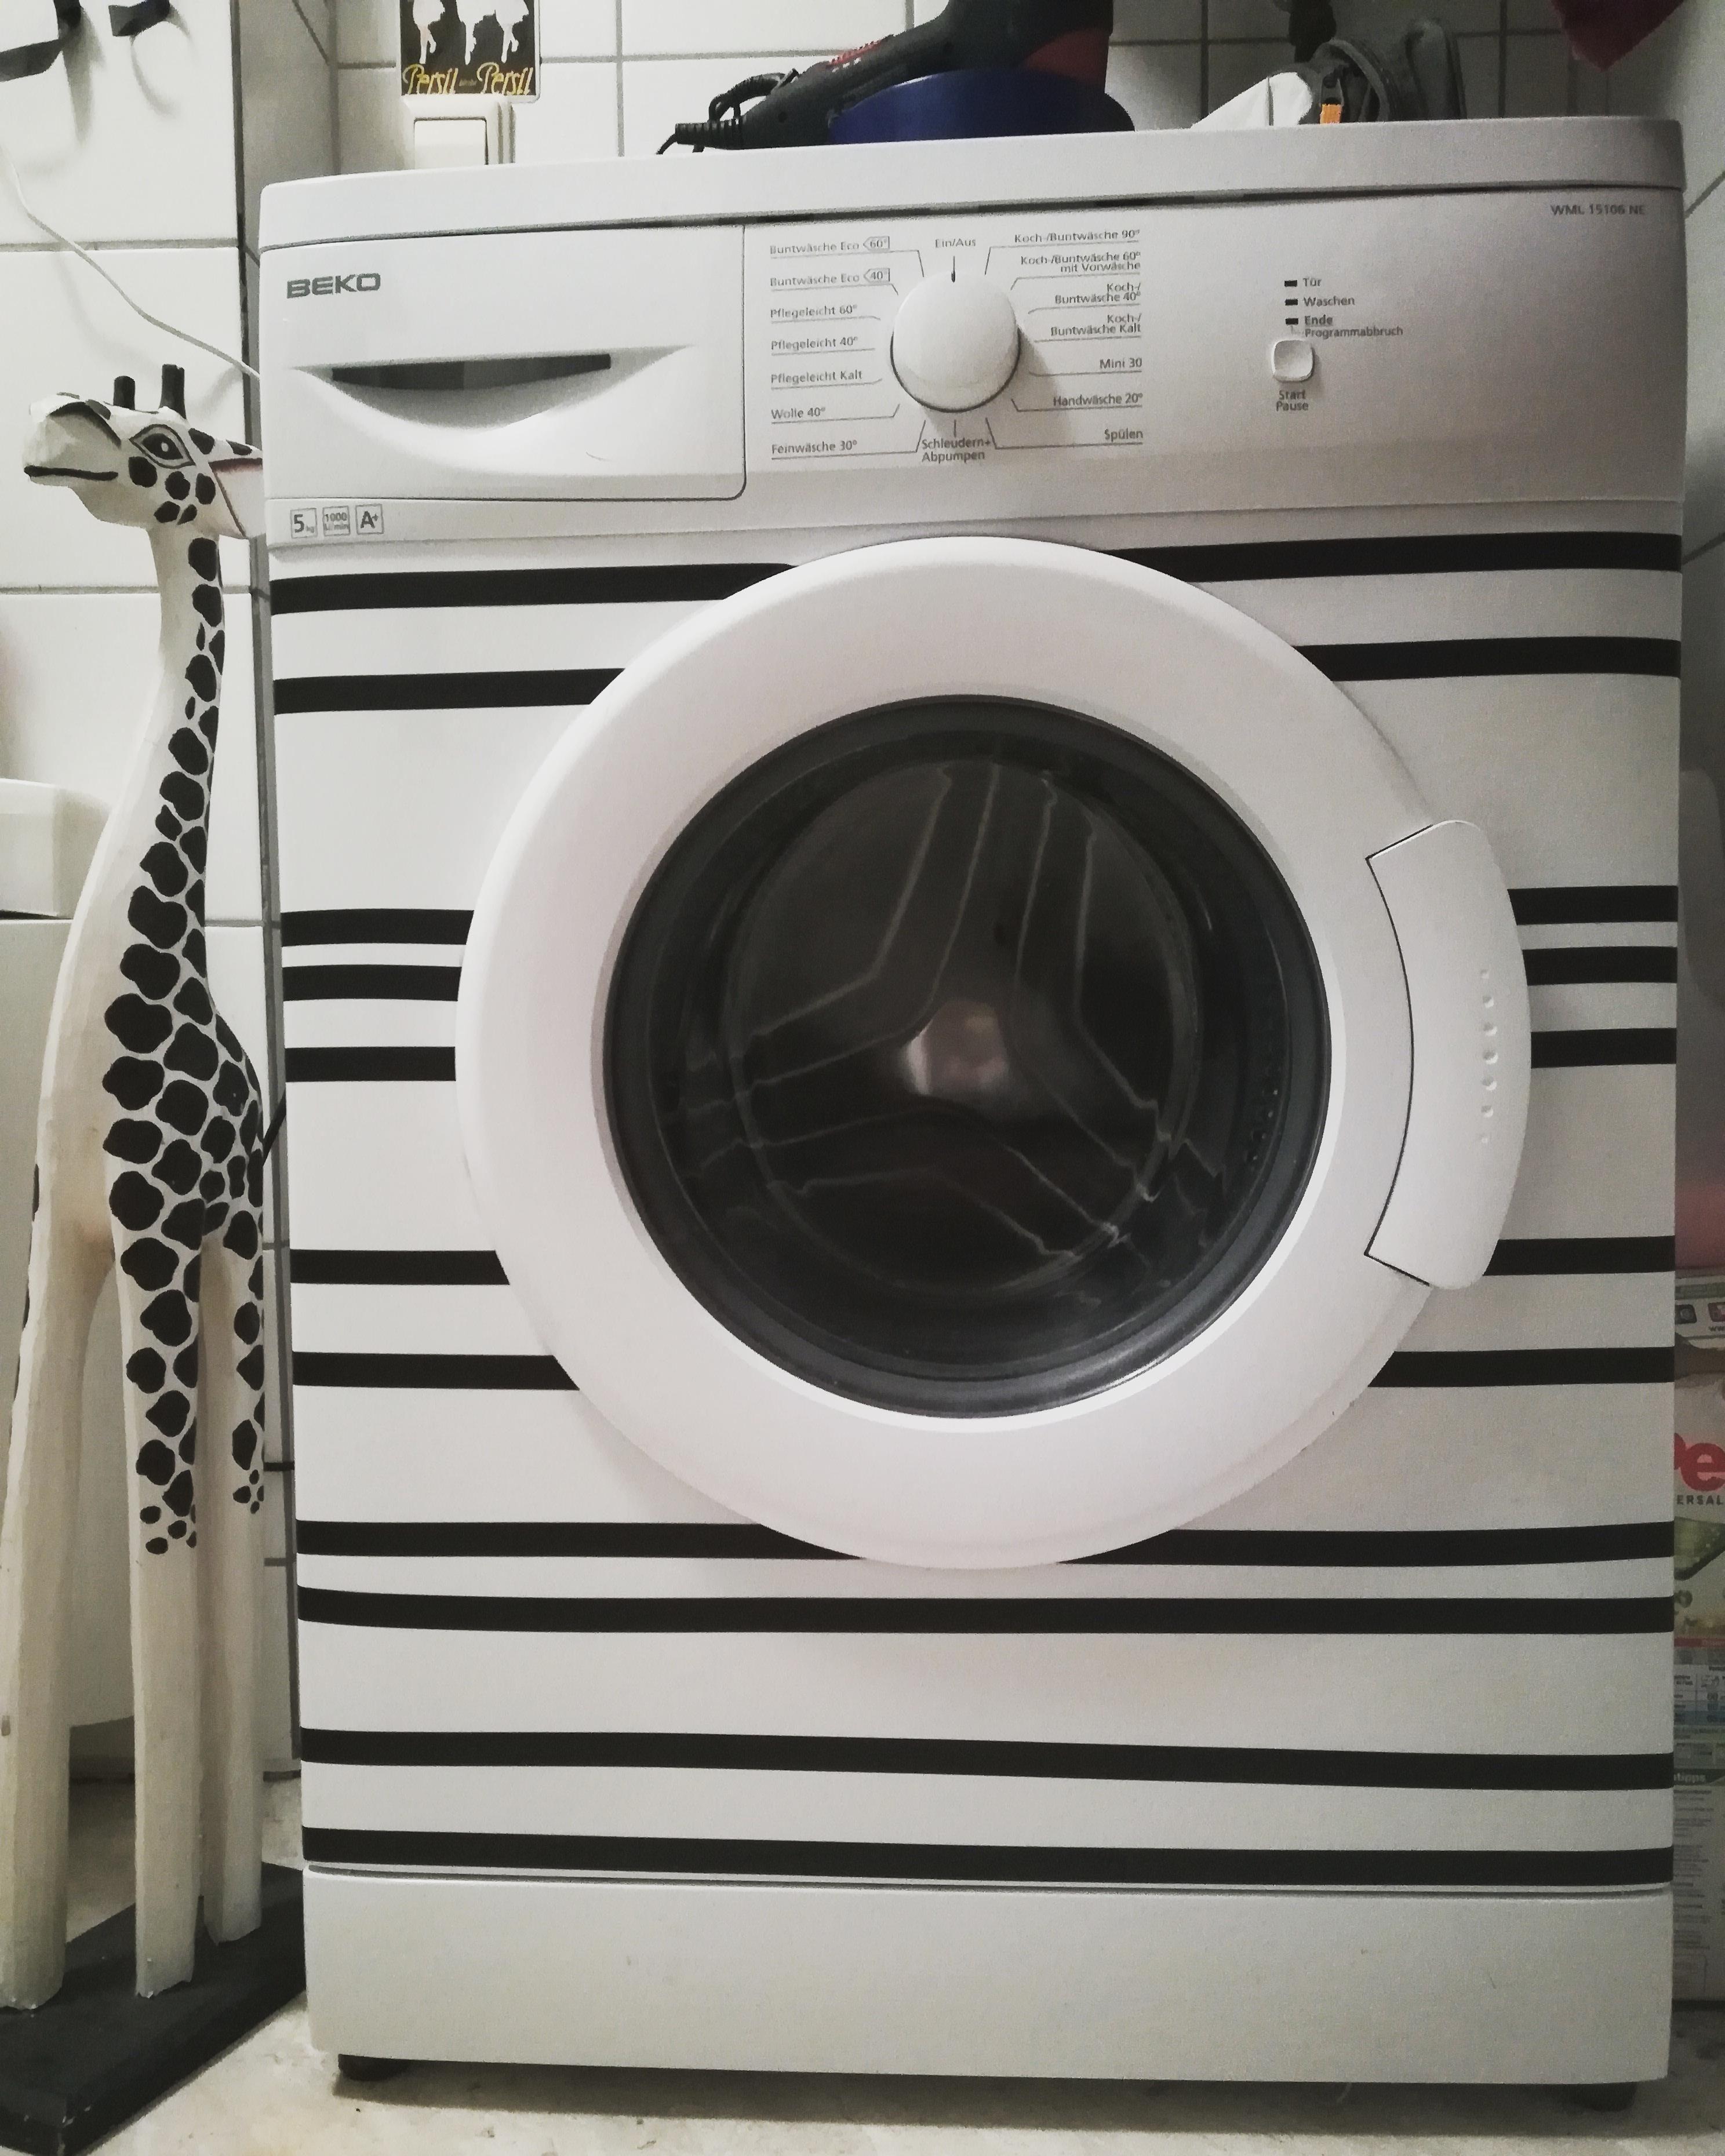 #Waschmaschine #aufgepimpt #streifen #zebra #giraffe #schwarzweiß #diy  #creative